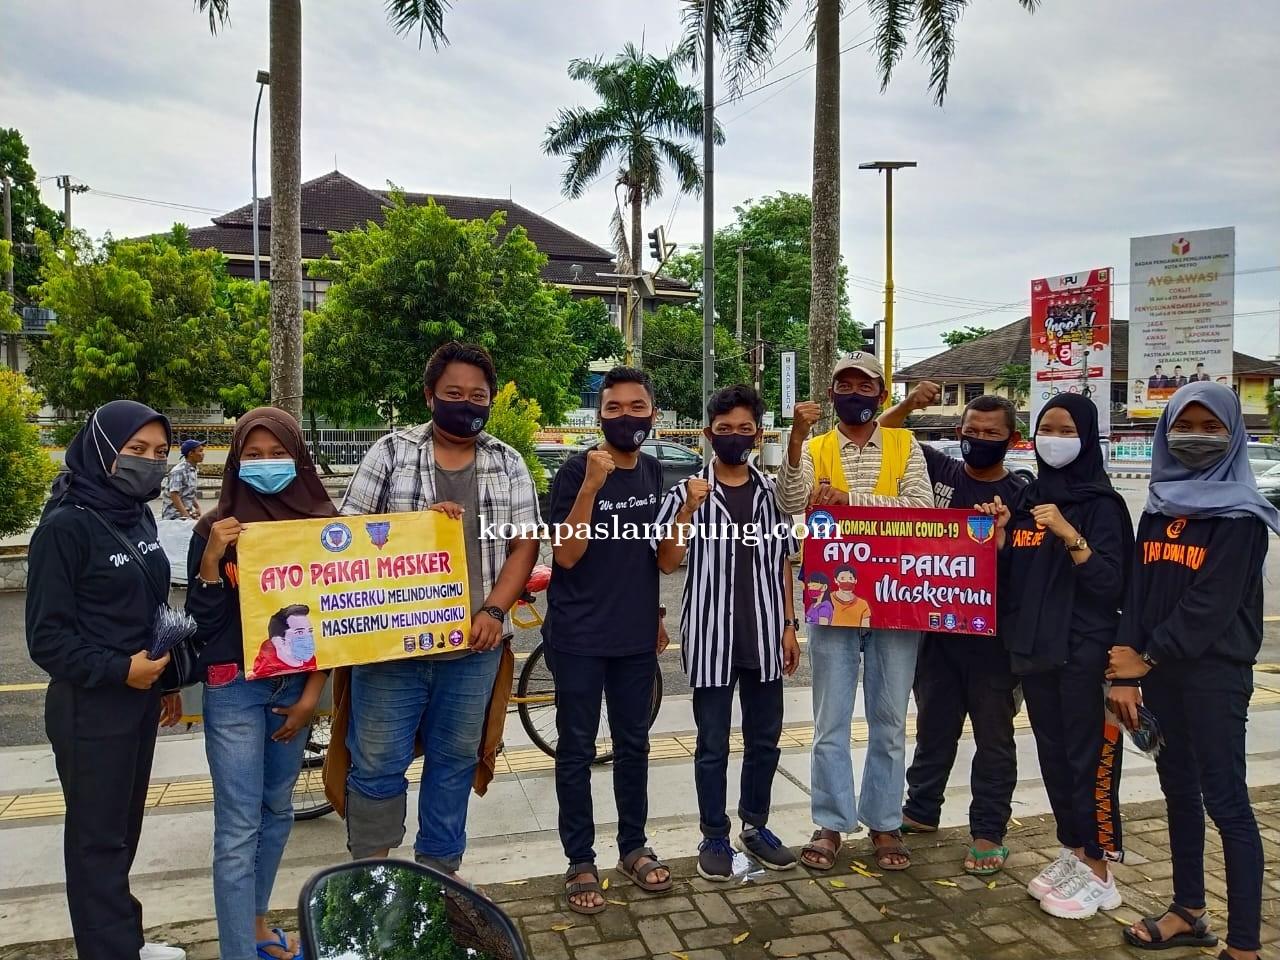 PPDR Kota Metro Sosialisasikan Protokol Kesehatan Dan Bagikan Ratusan Masker